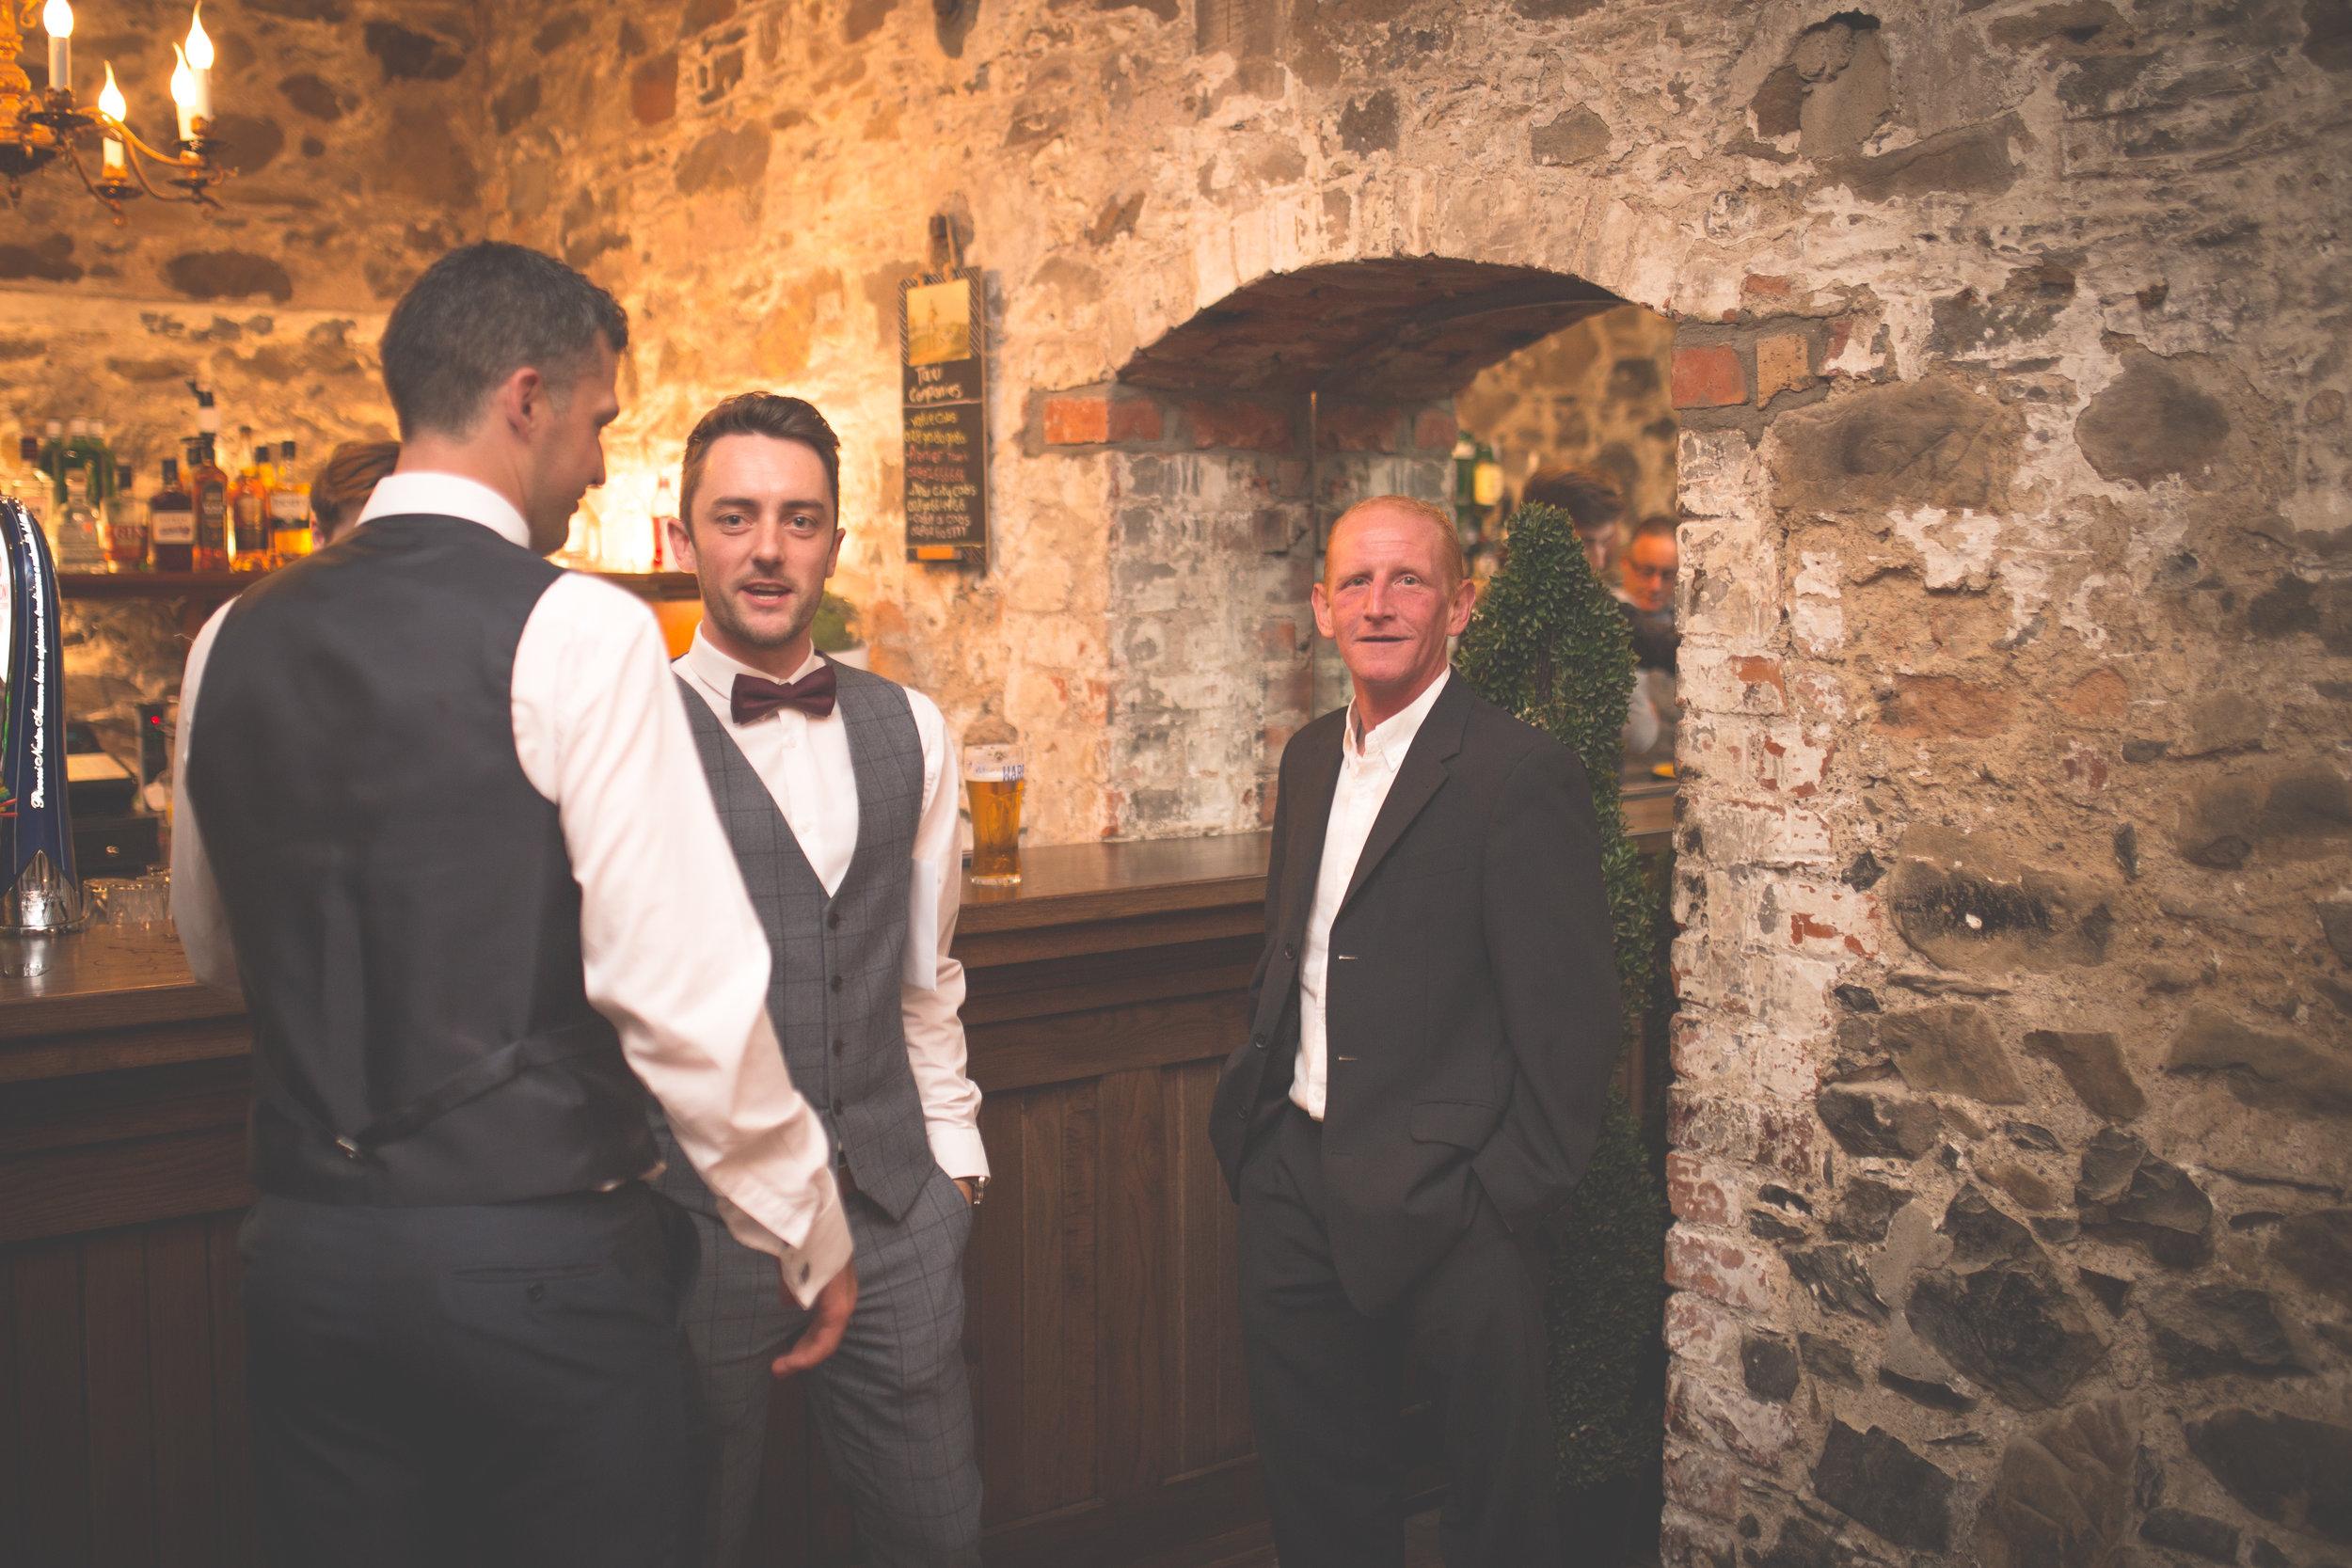 Brian McEwan Wedding Photography | Carol-Anne & Sean | The Speeches-136.jpg